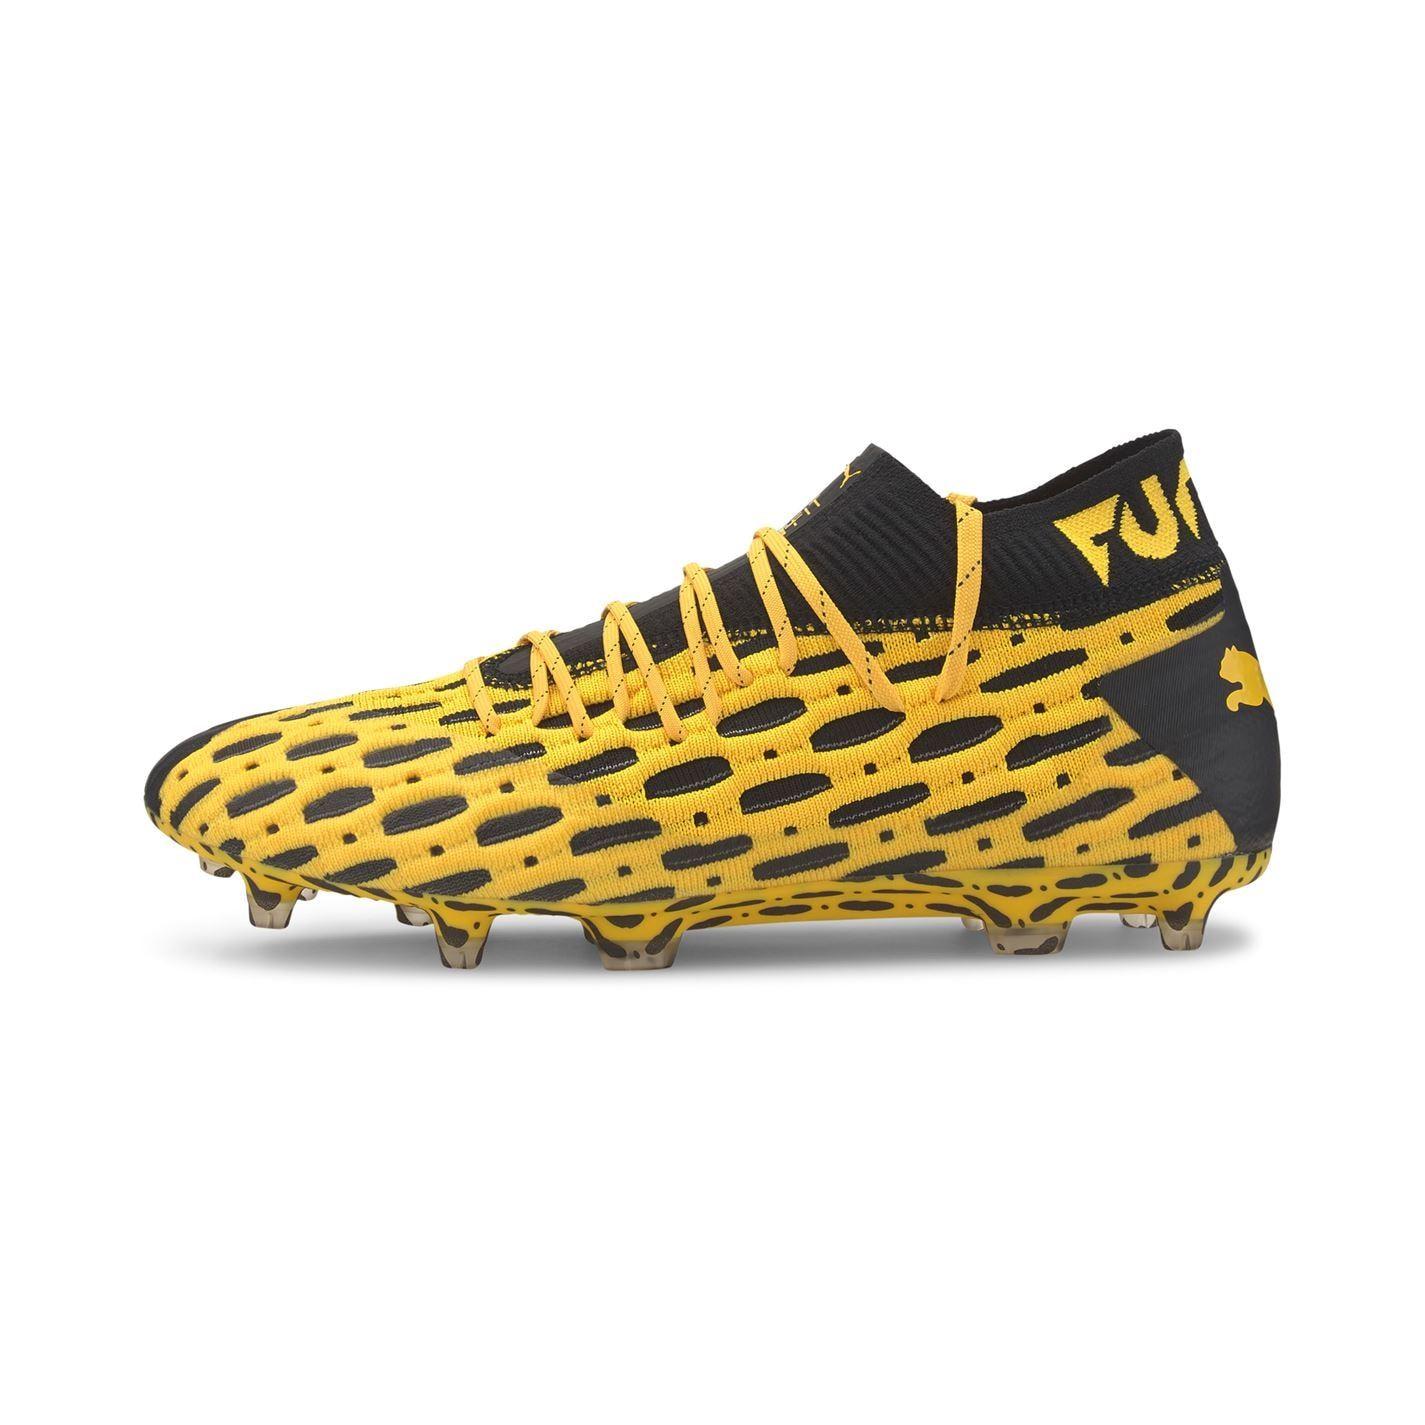 miniature 3 - Puma Future 5.1 Homme FG Firm Ground Chaussures De Football Chaussures de Foot Crampons Baskets